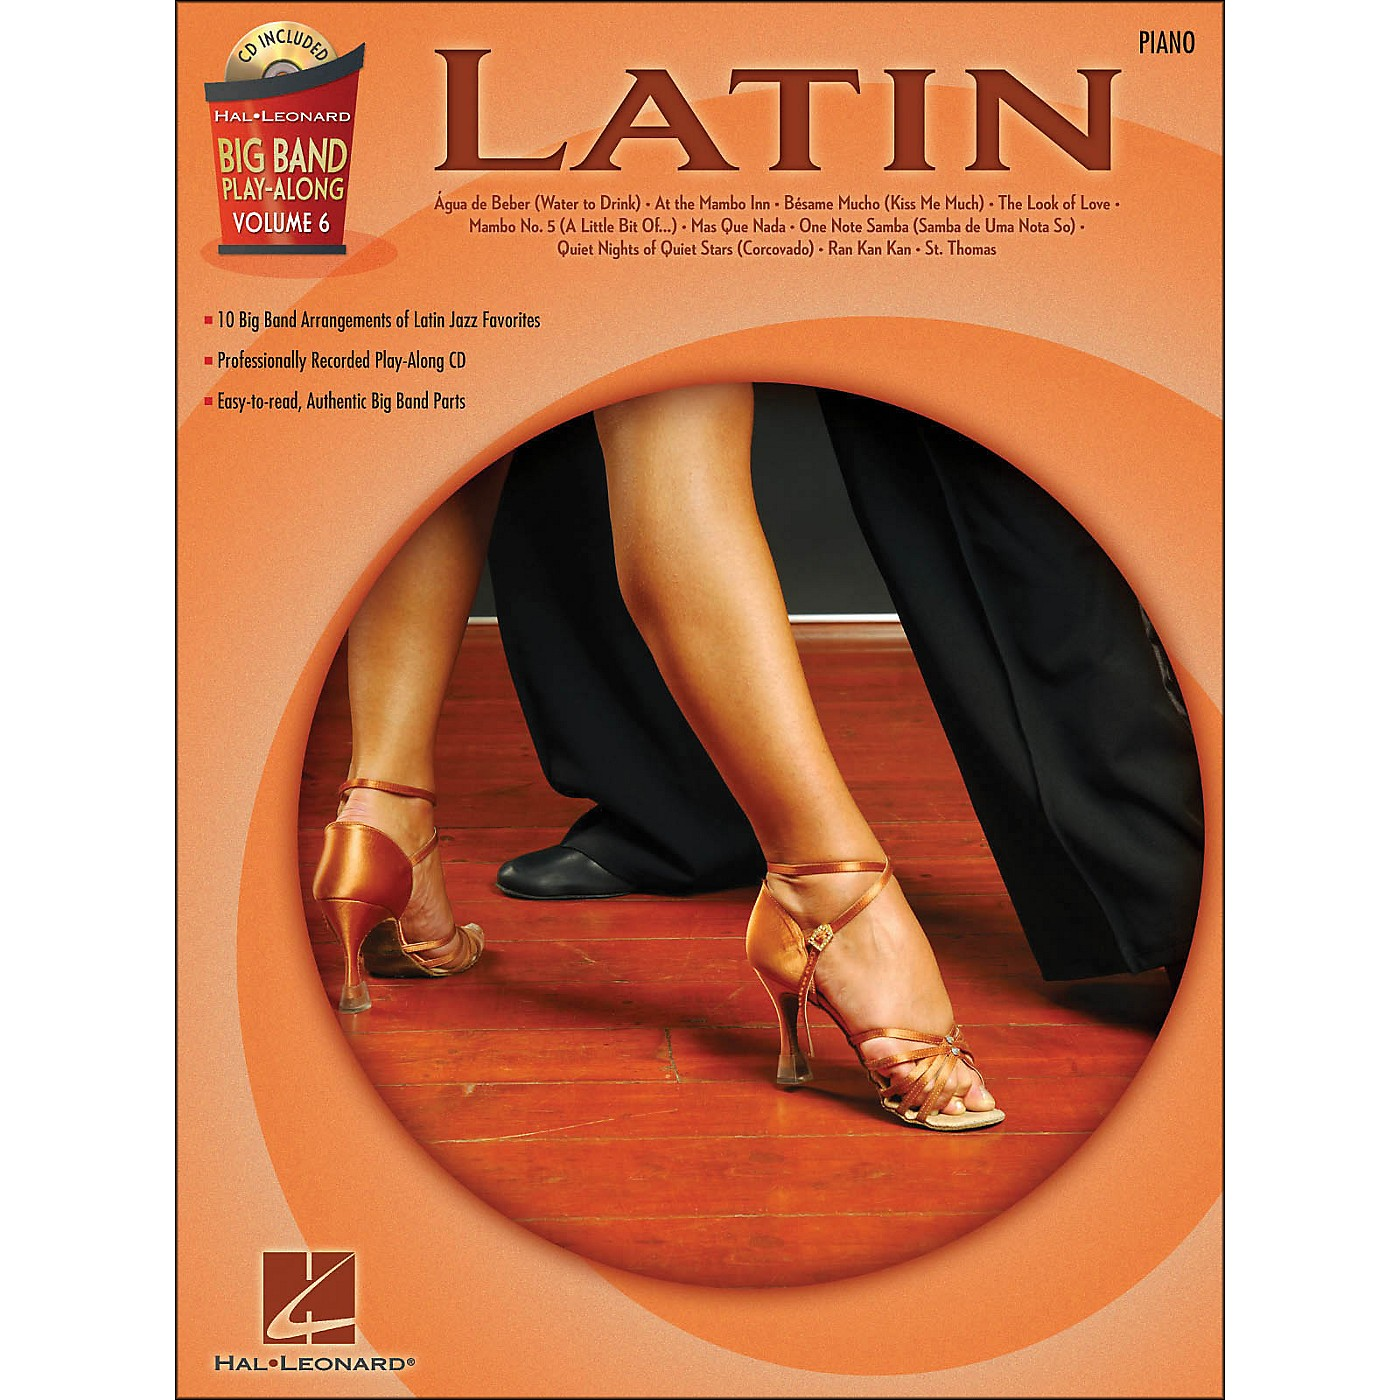 Hal Leonard Latin - Big Band Play-Along Vol. 6 Piano thumbnail